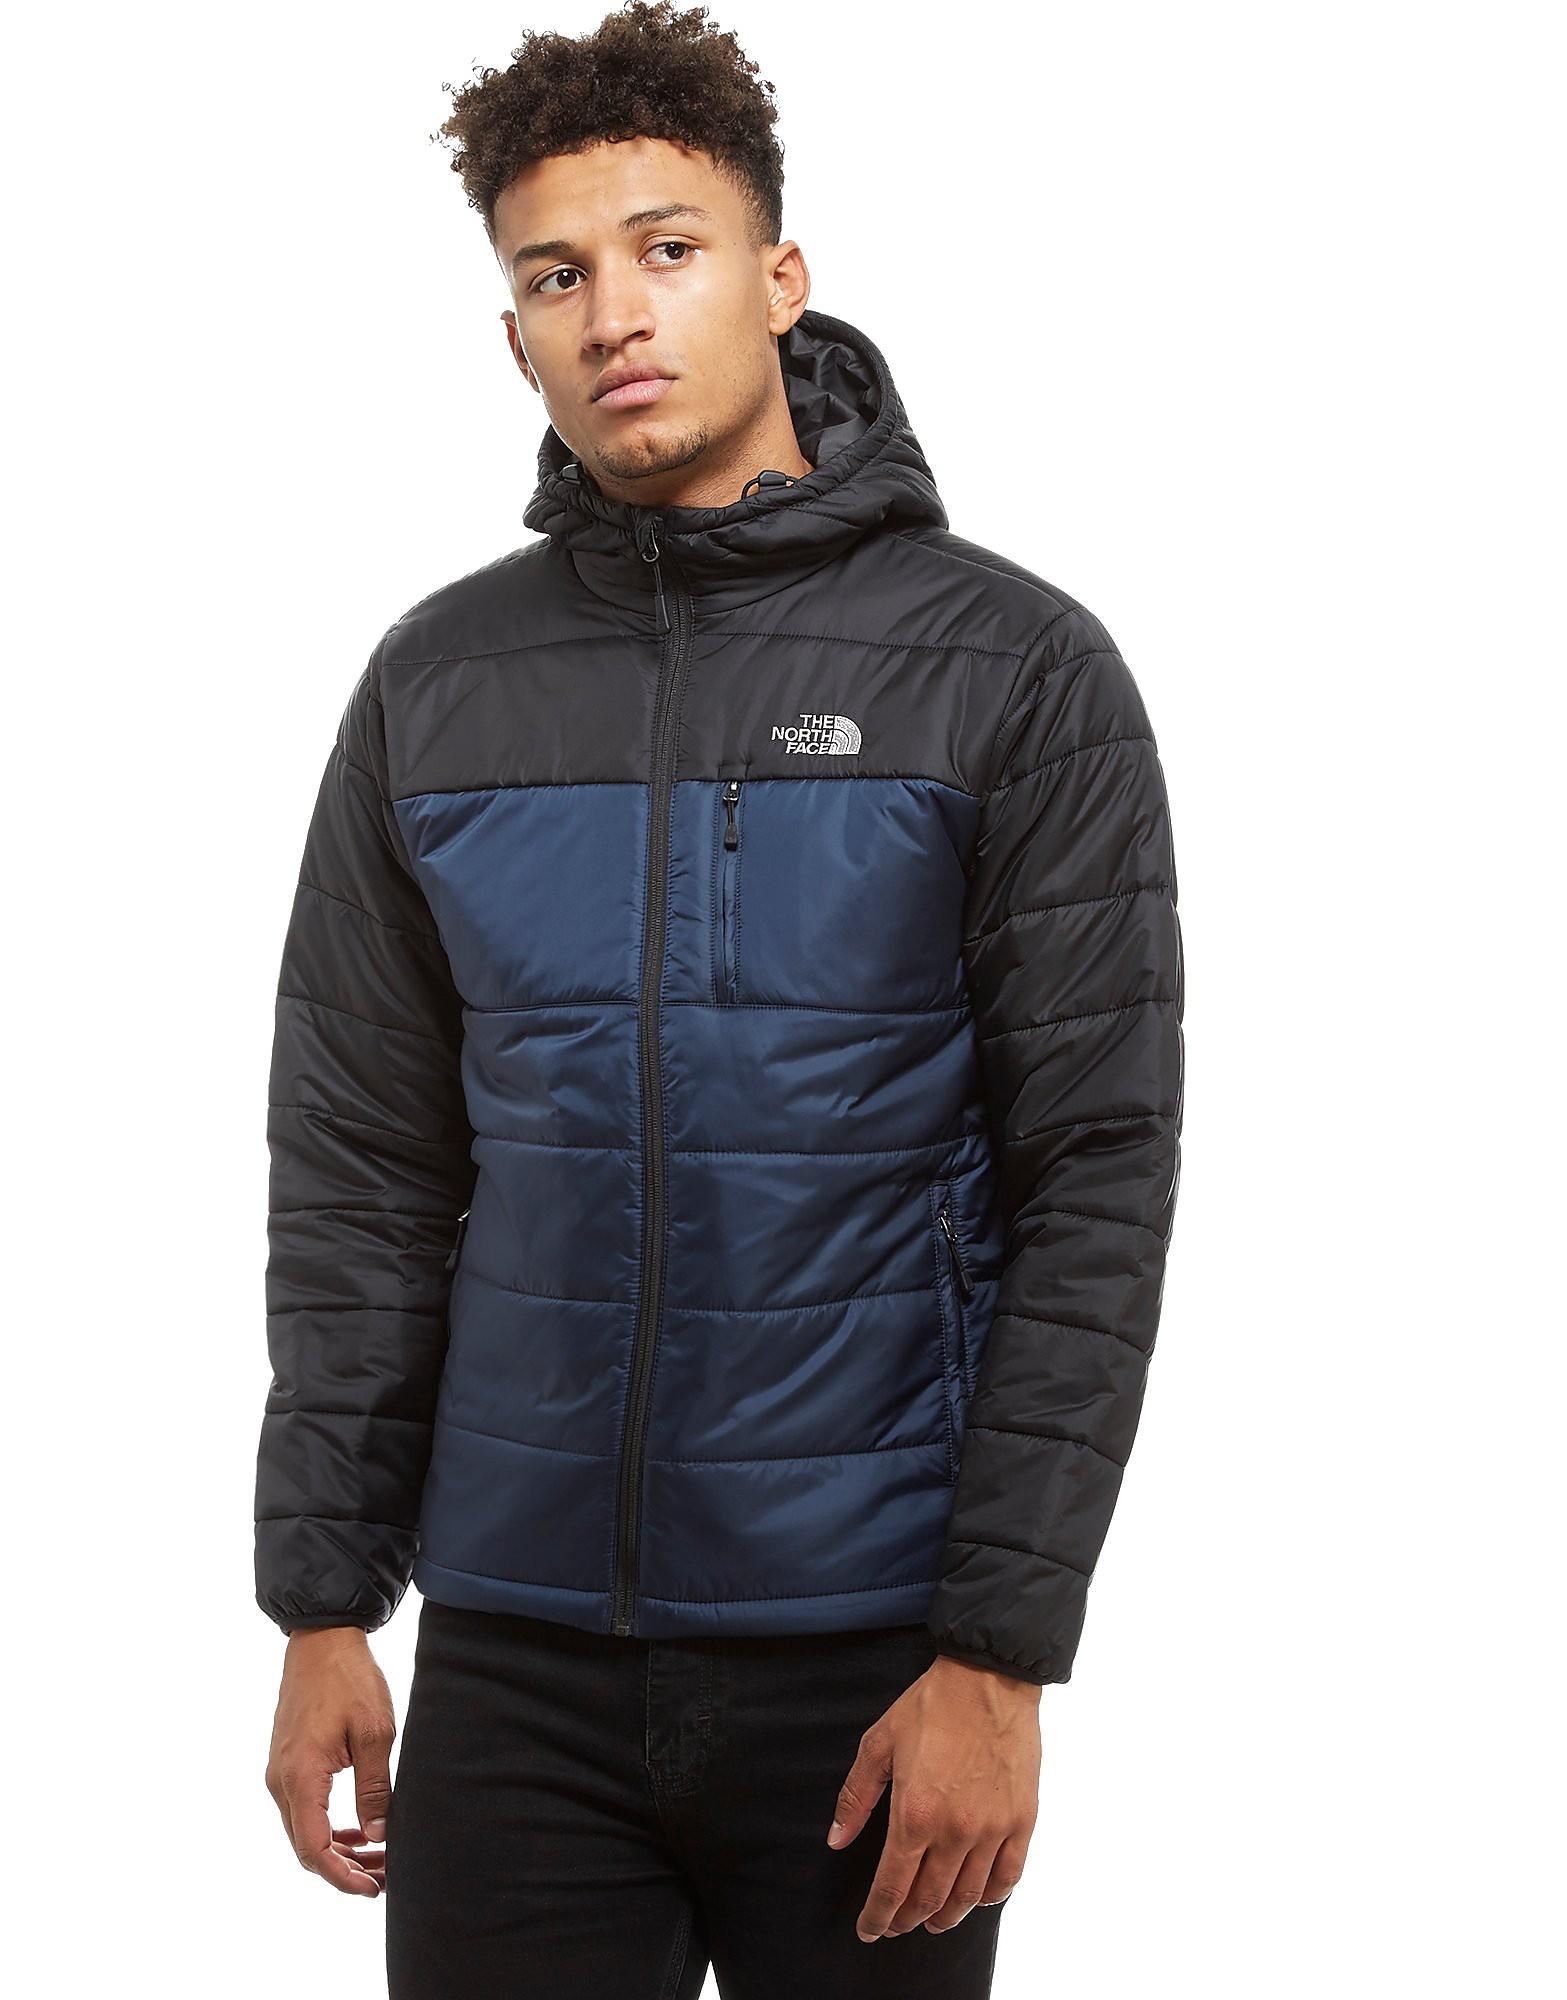 The North Face Khotan Jacket